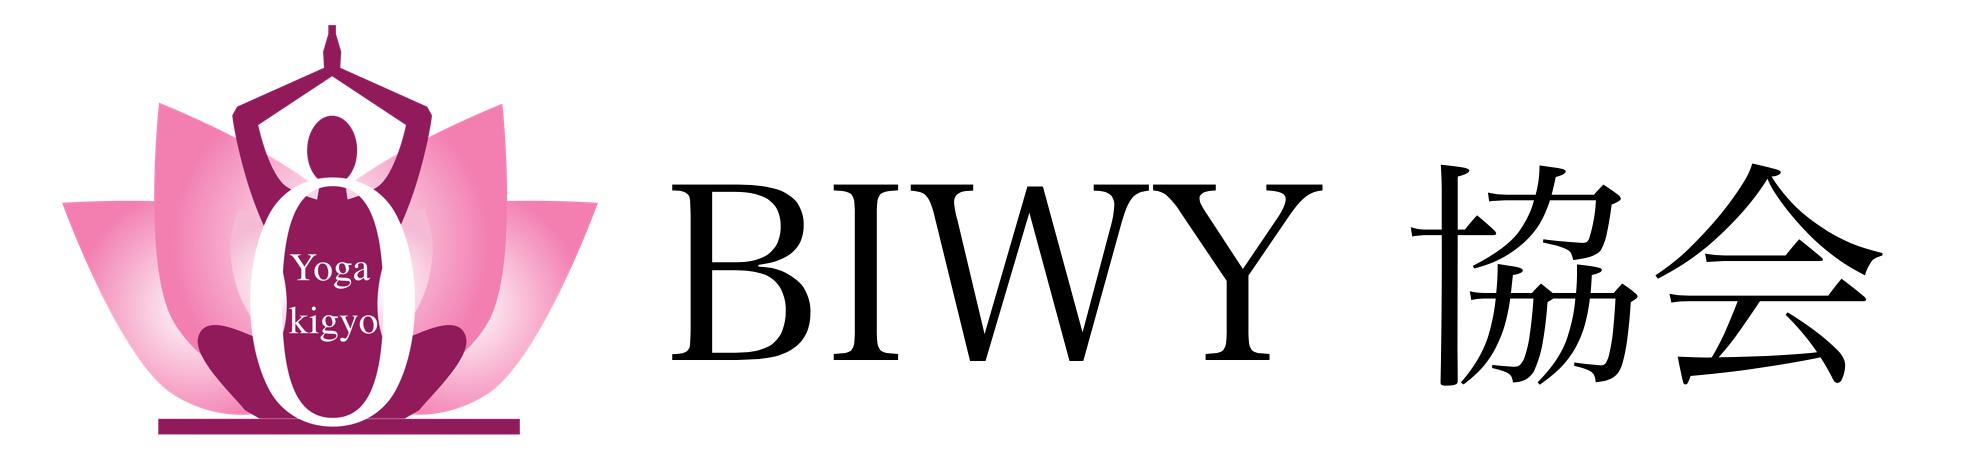 BIWY協会